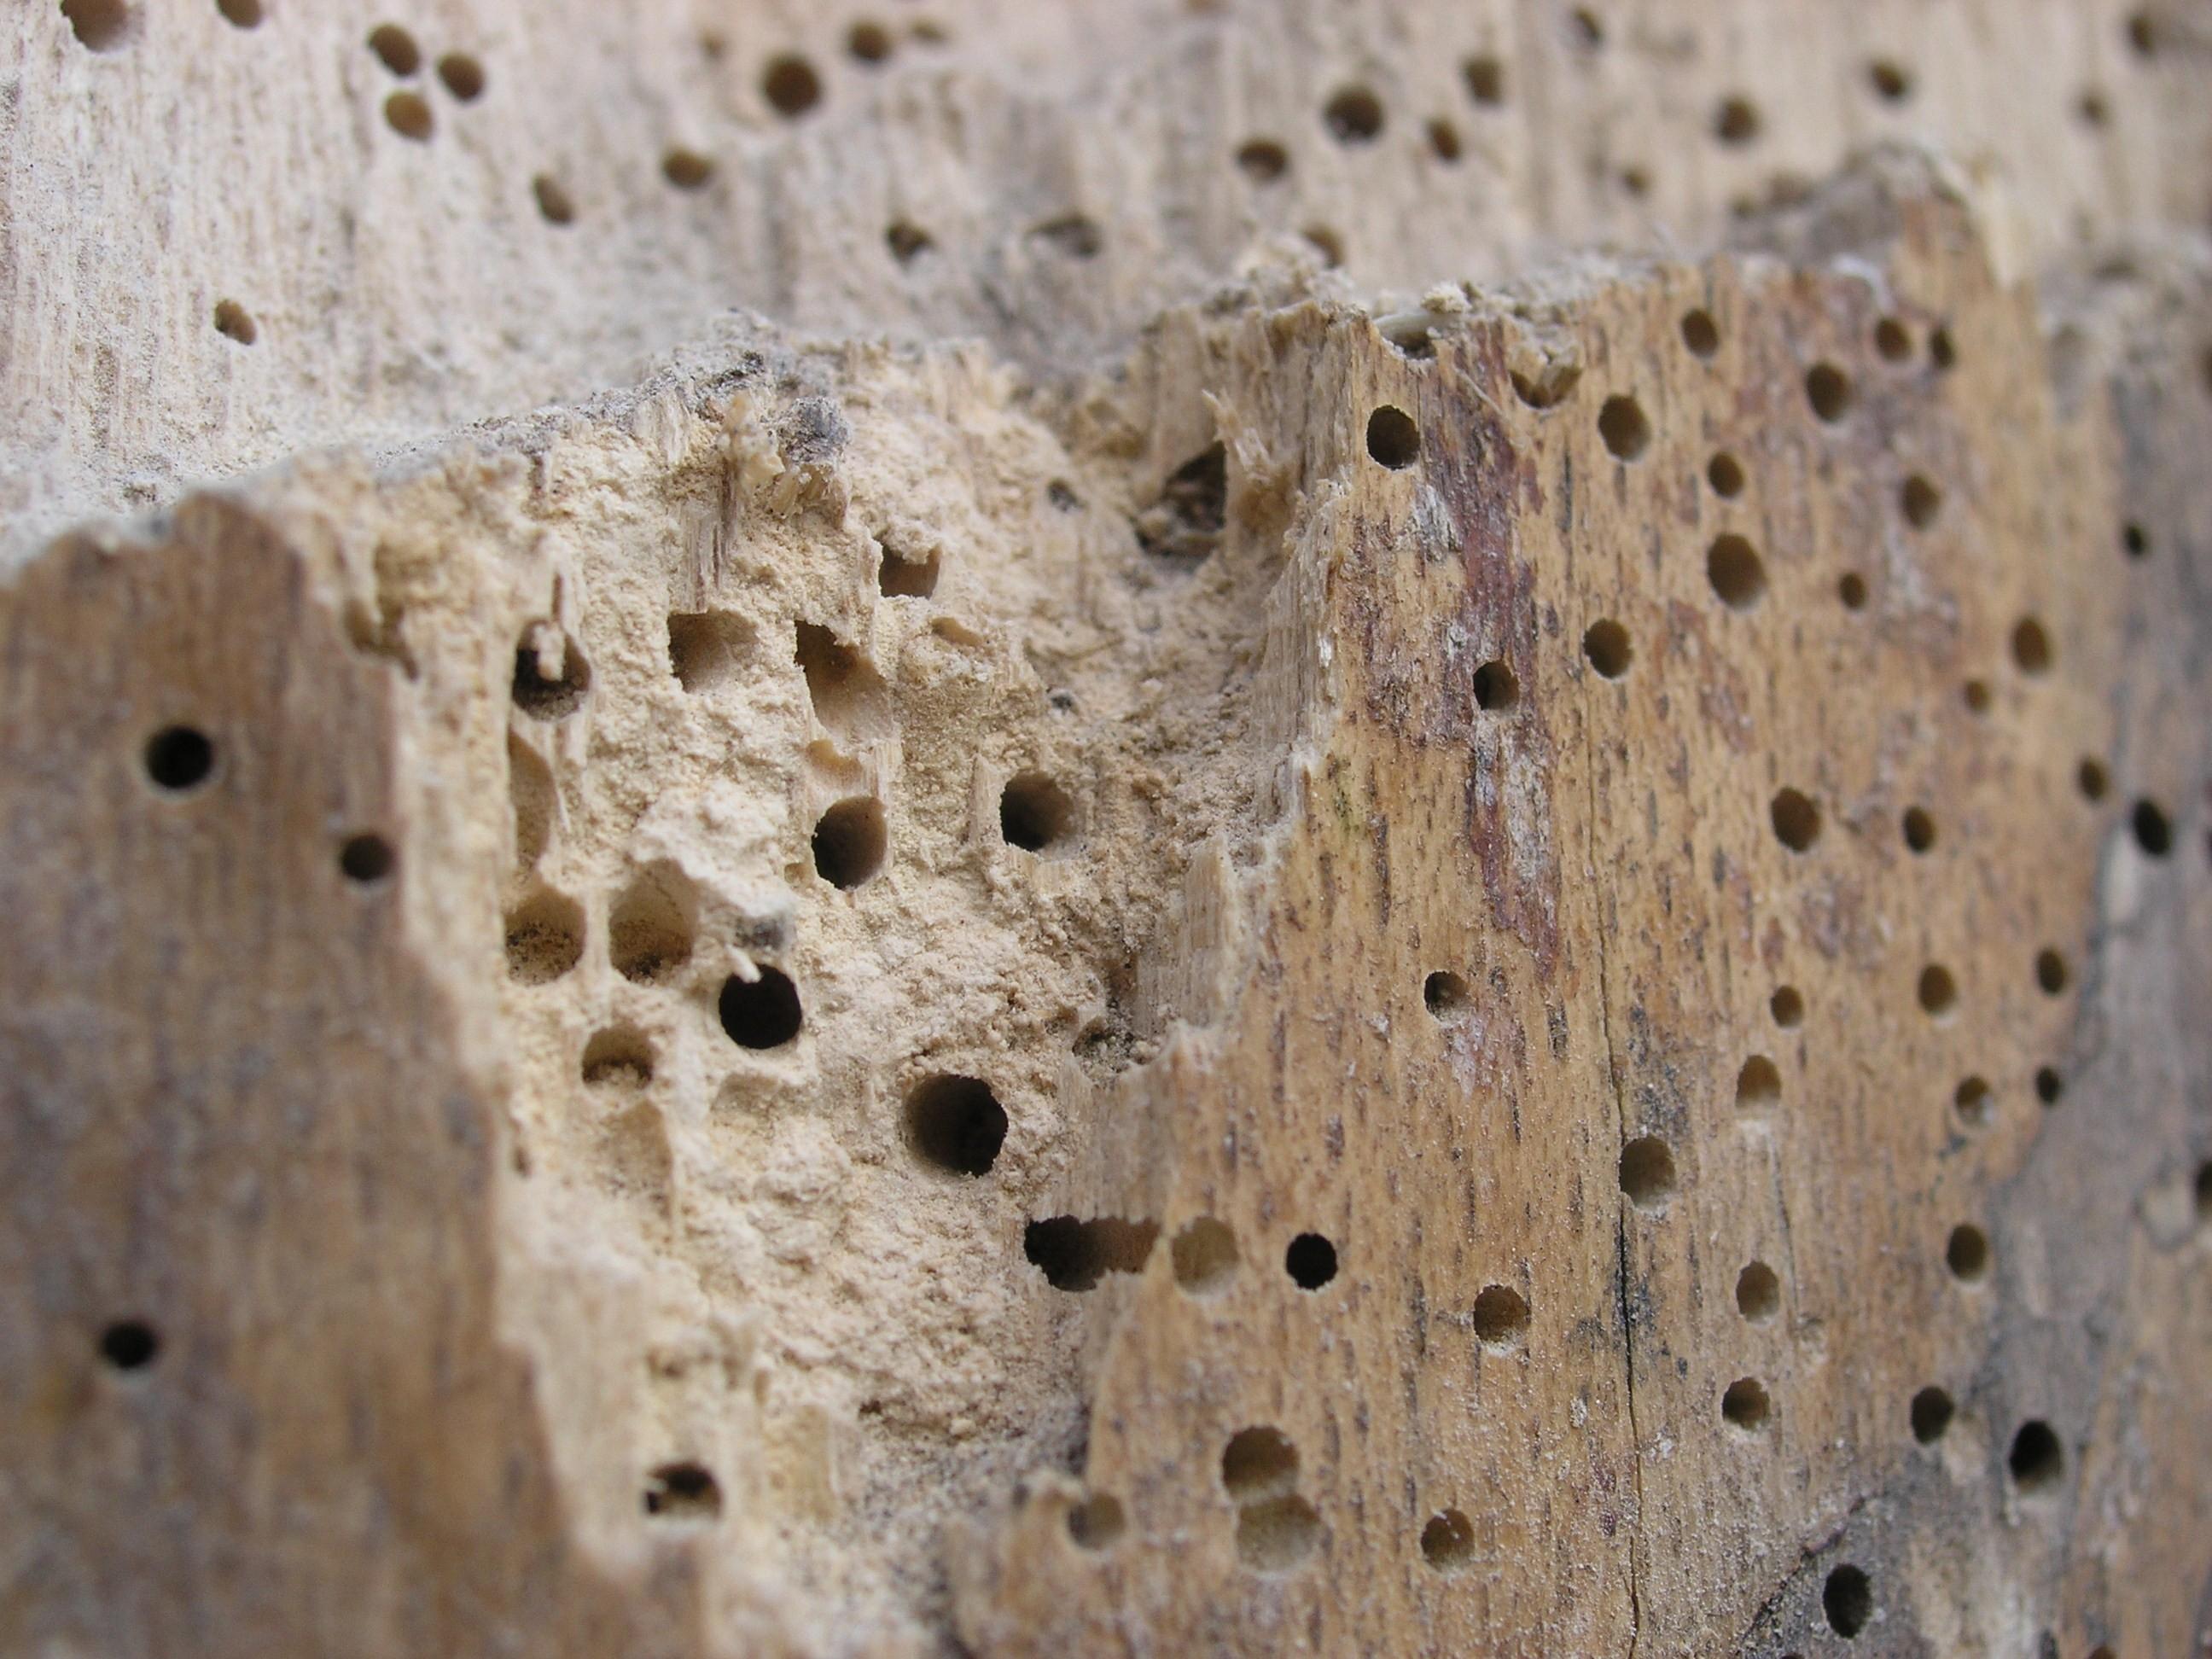 حشرات الخشب المنزلية